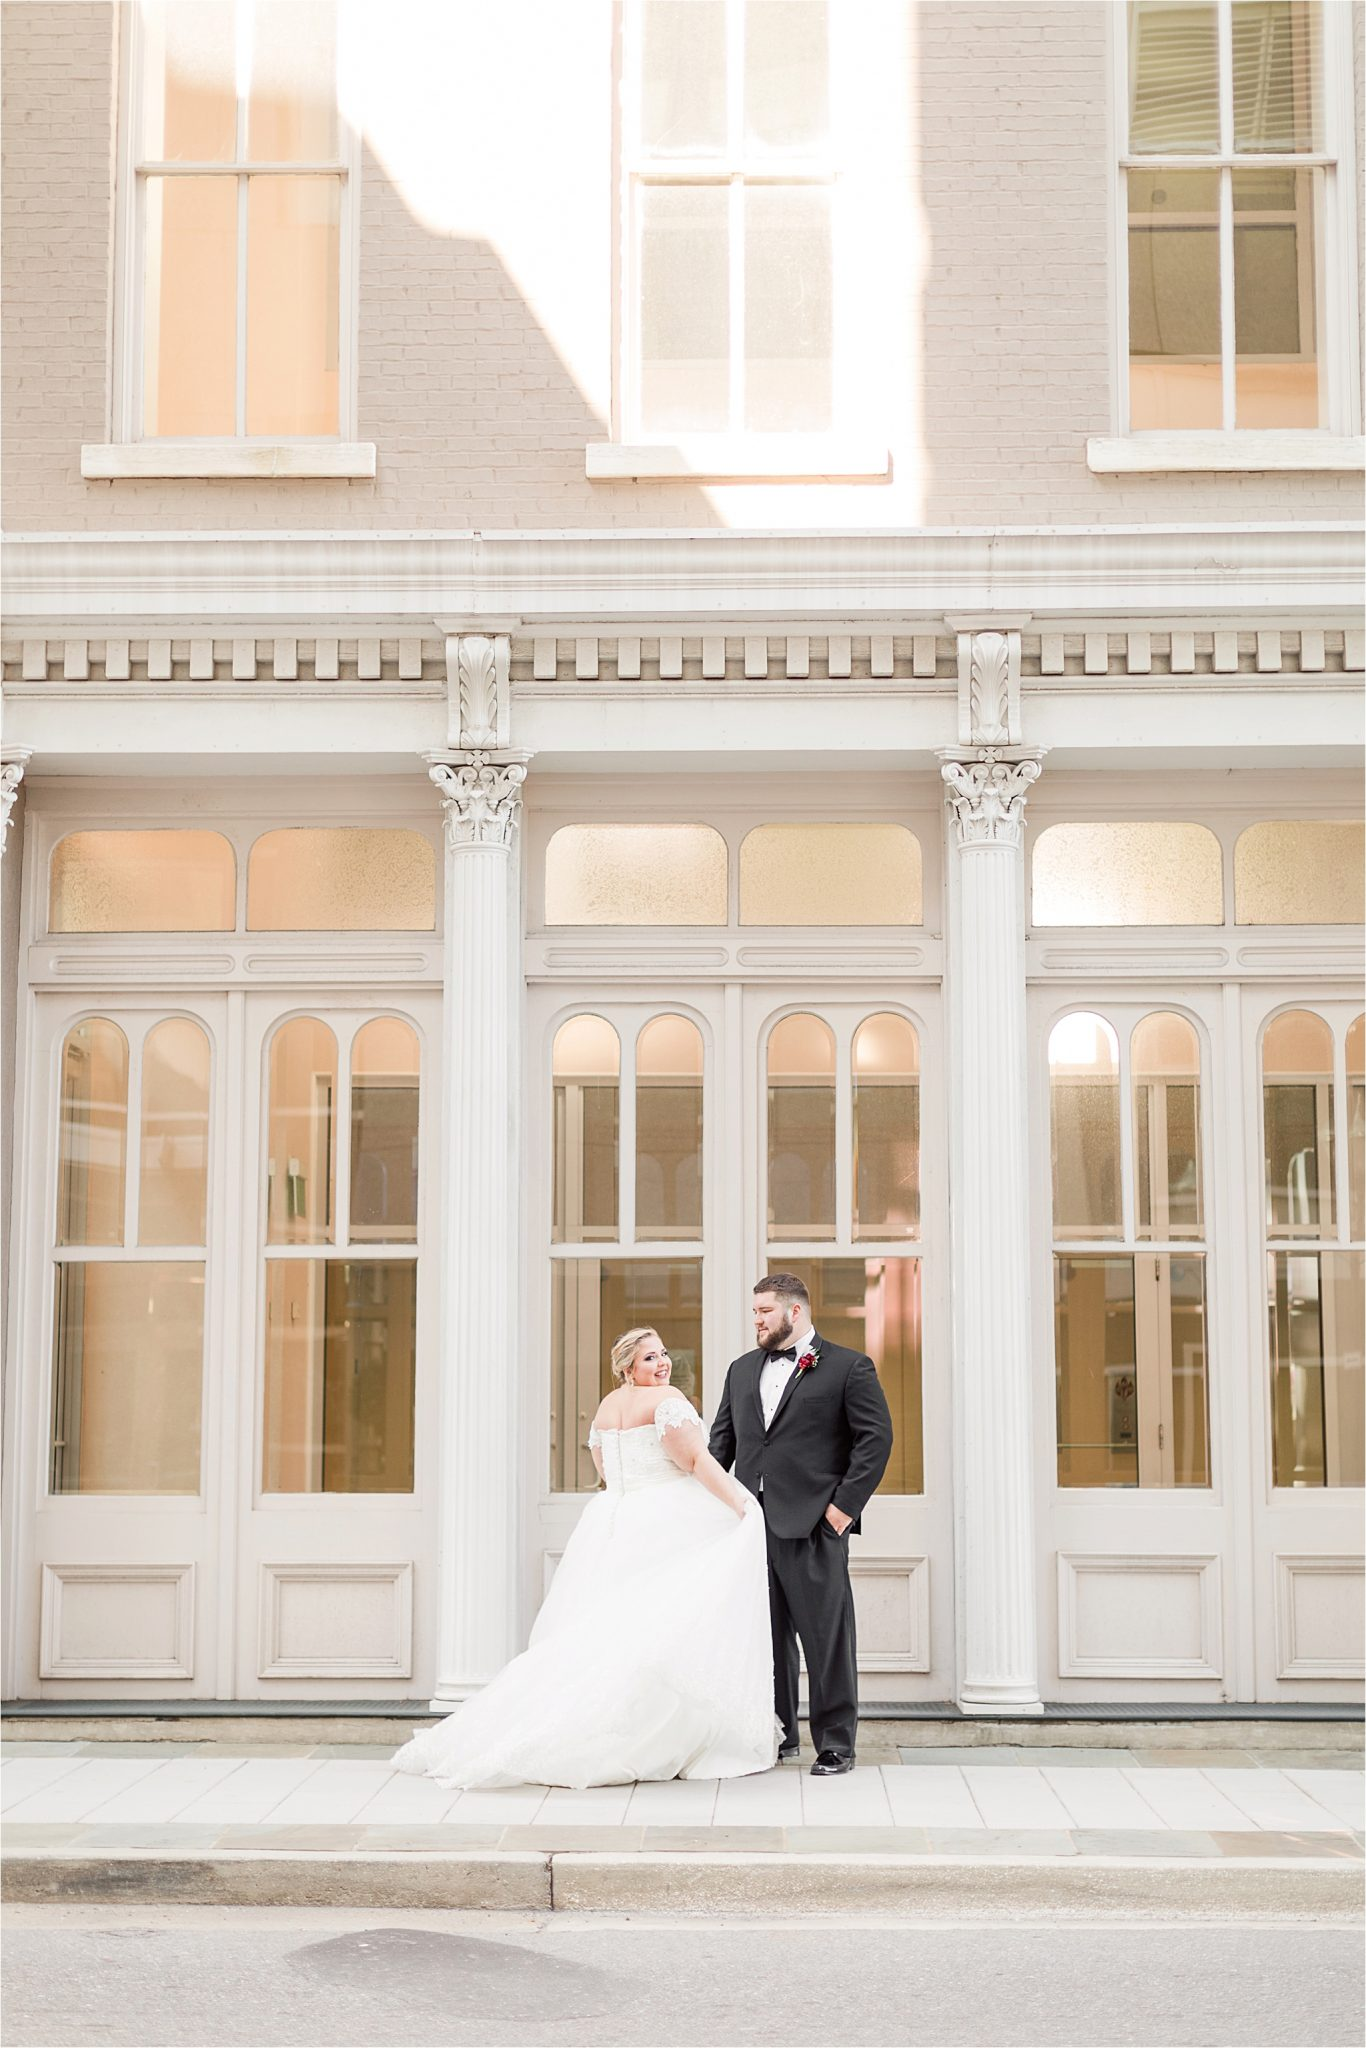 wedding-the boathouse-mobile-alabama-wedding-photographer-bride-groom-portraits